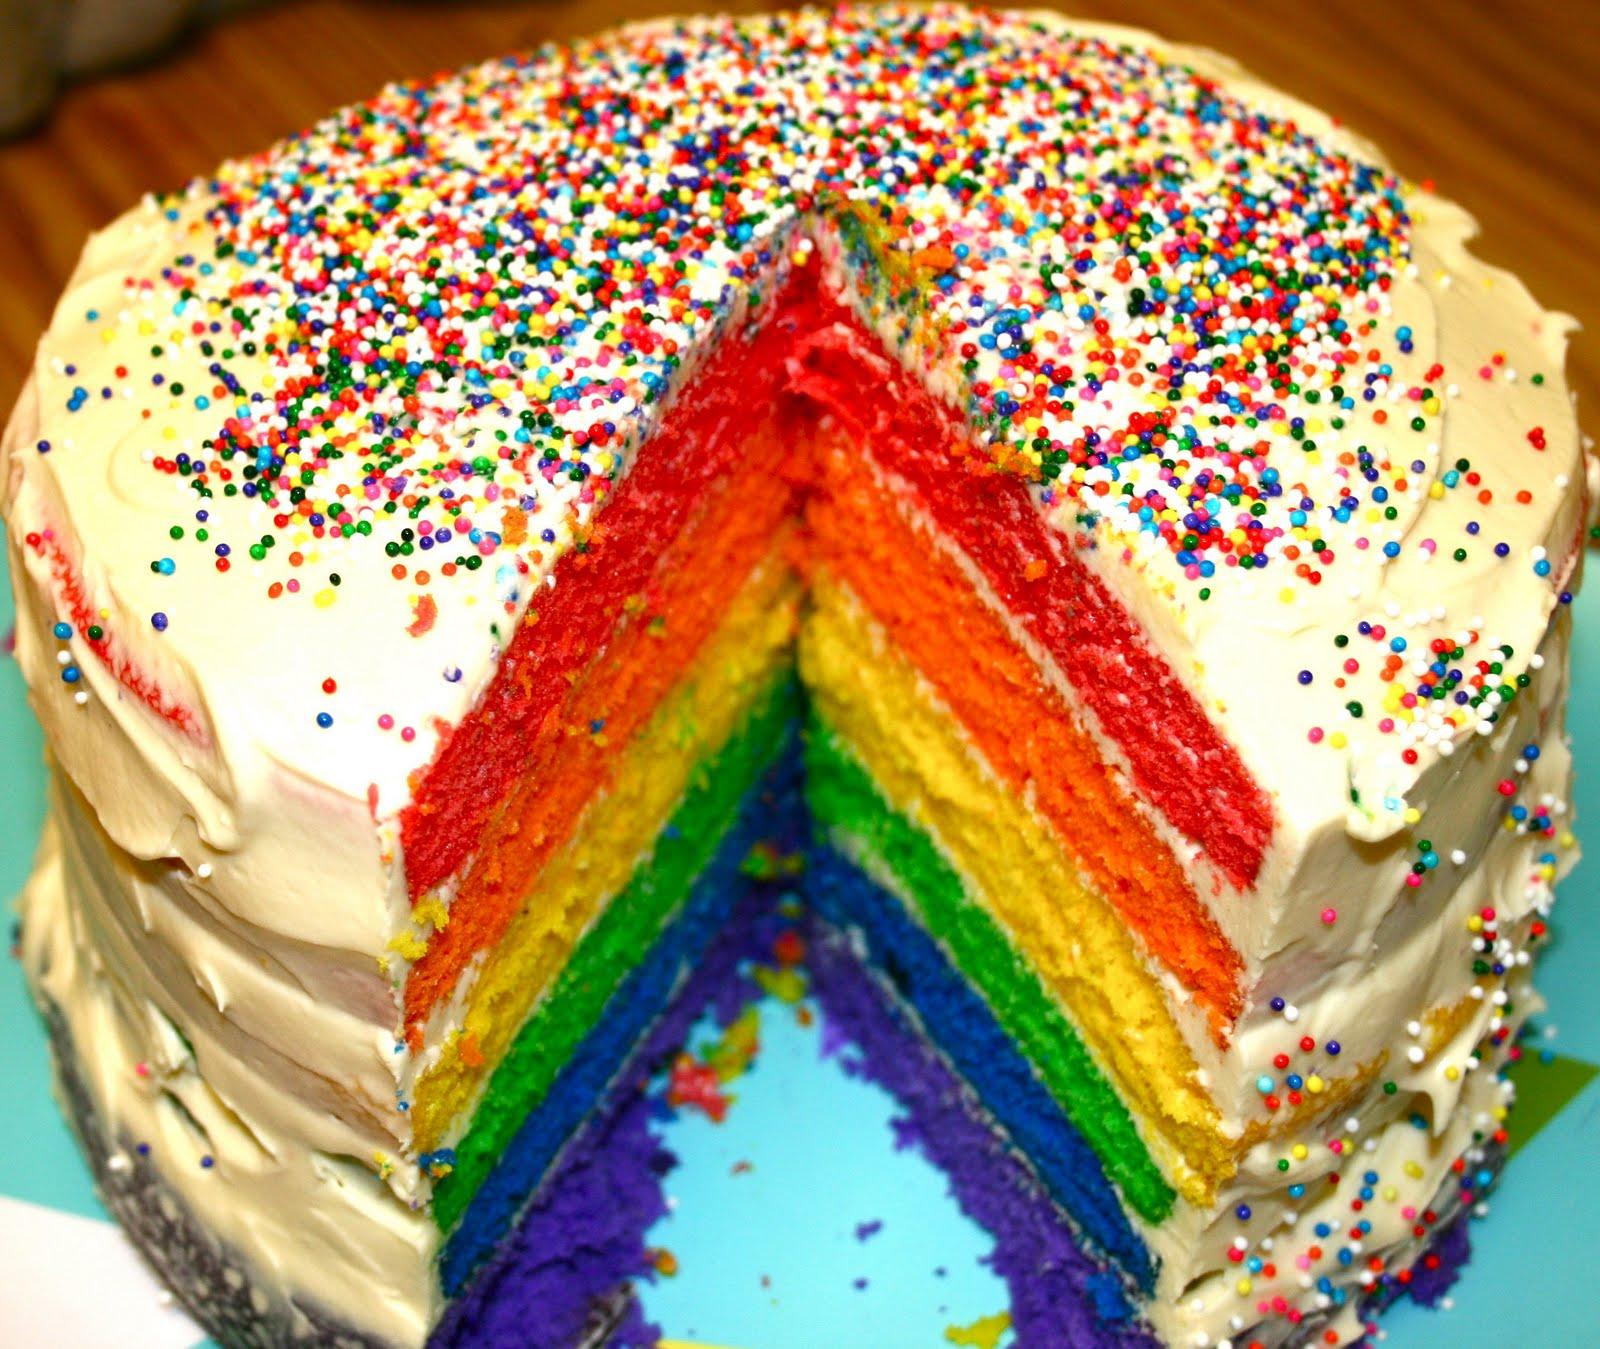 Rainbow Sprinkle Cake Recipe